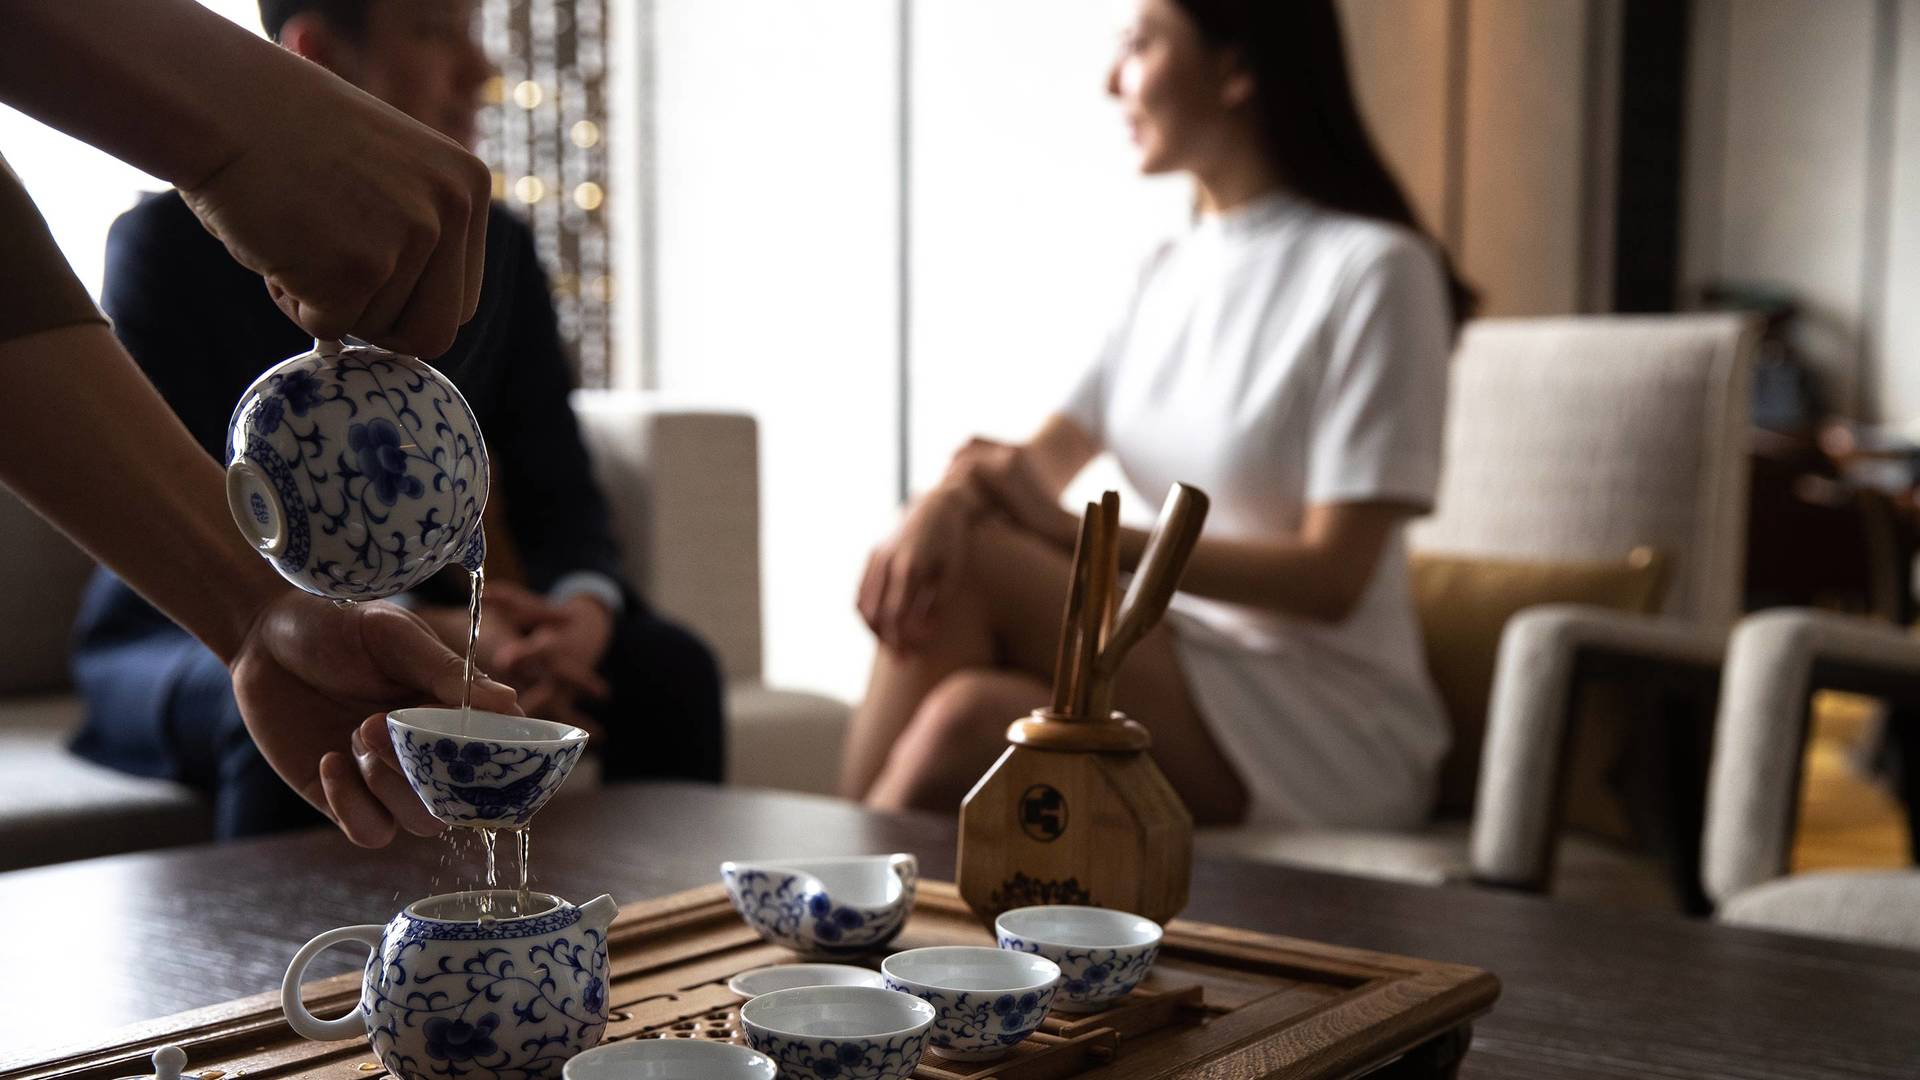 نانجينغ - حفل شاي في جميرا نانجينغ_16-9